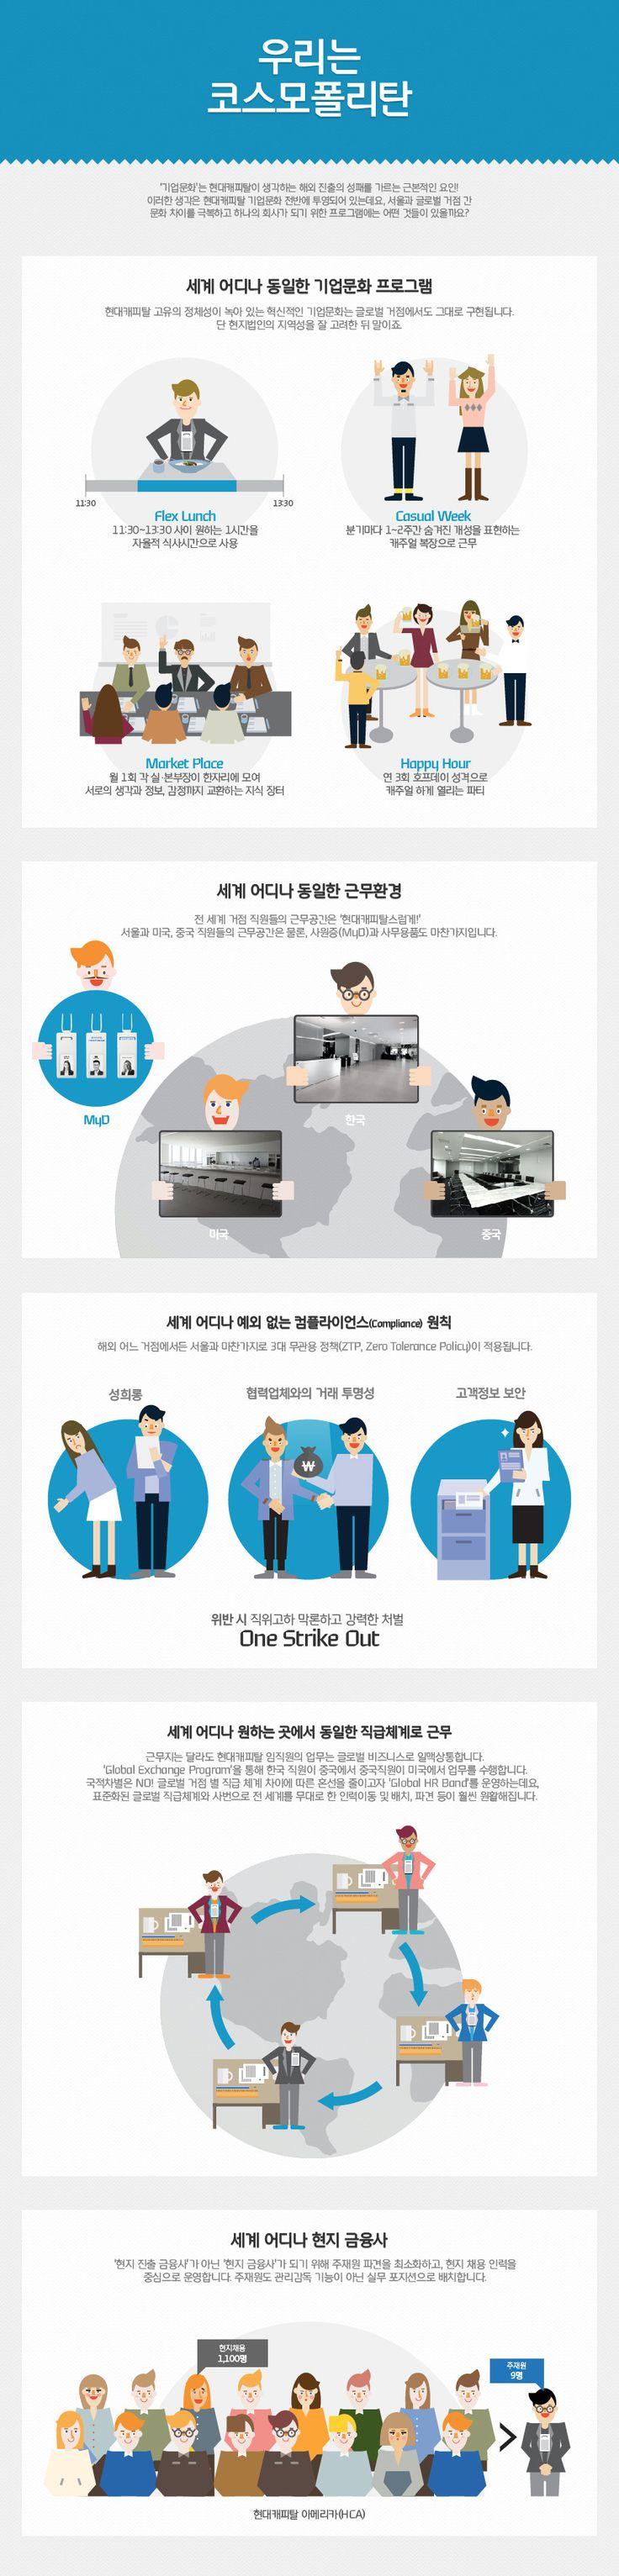 [Infographic] '우리는 코스모폴리탄' 현대카드 기업문화에 관한 인포그래픽